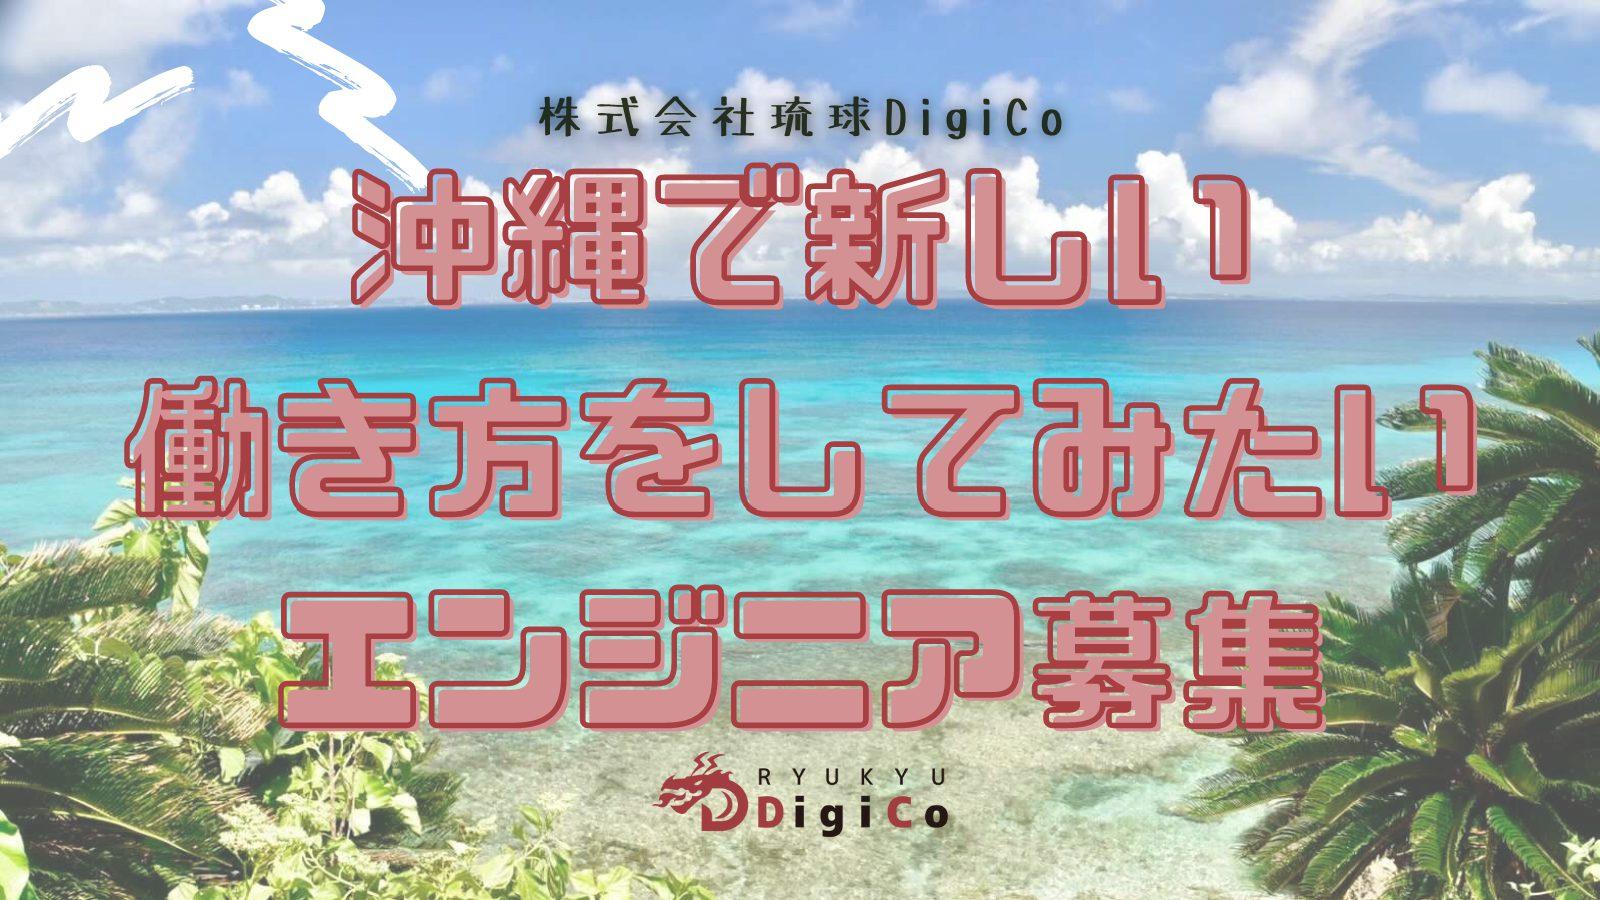 沖縄で新しい働き方をしてみたいエンジニア募集【ワーケーション】